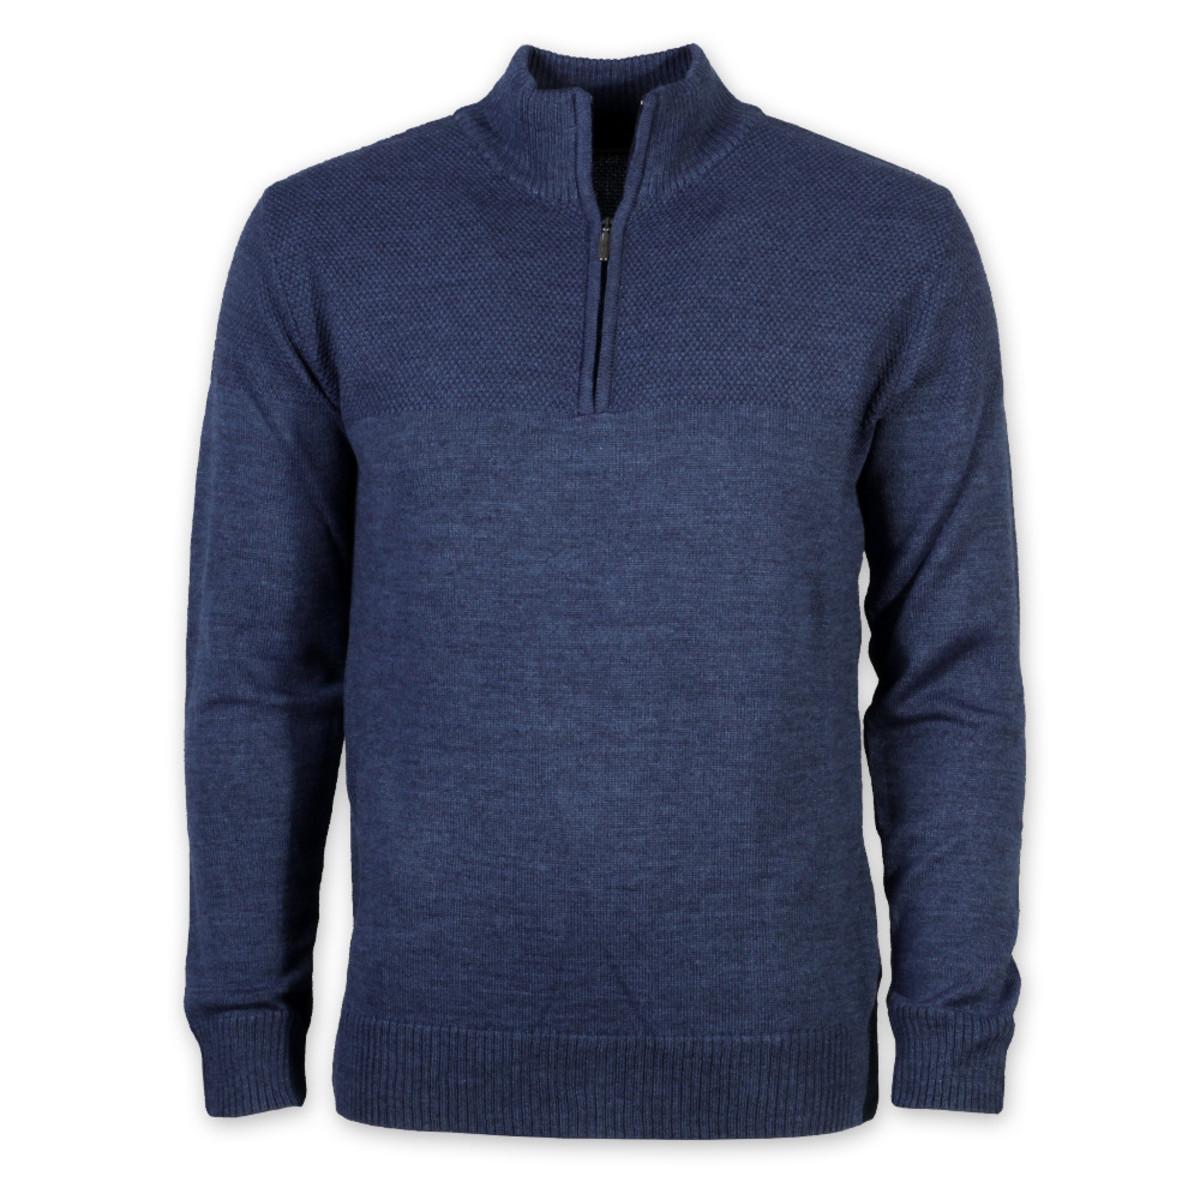 Férfi meleg pulóver Willsoor 8722 a kék szín